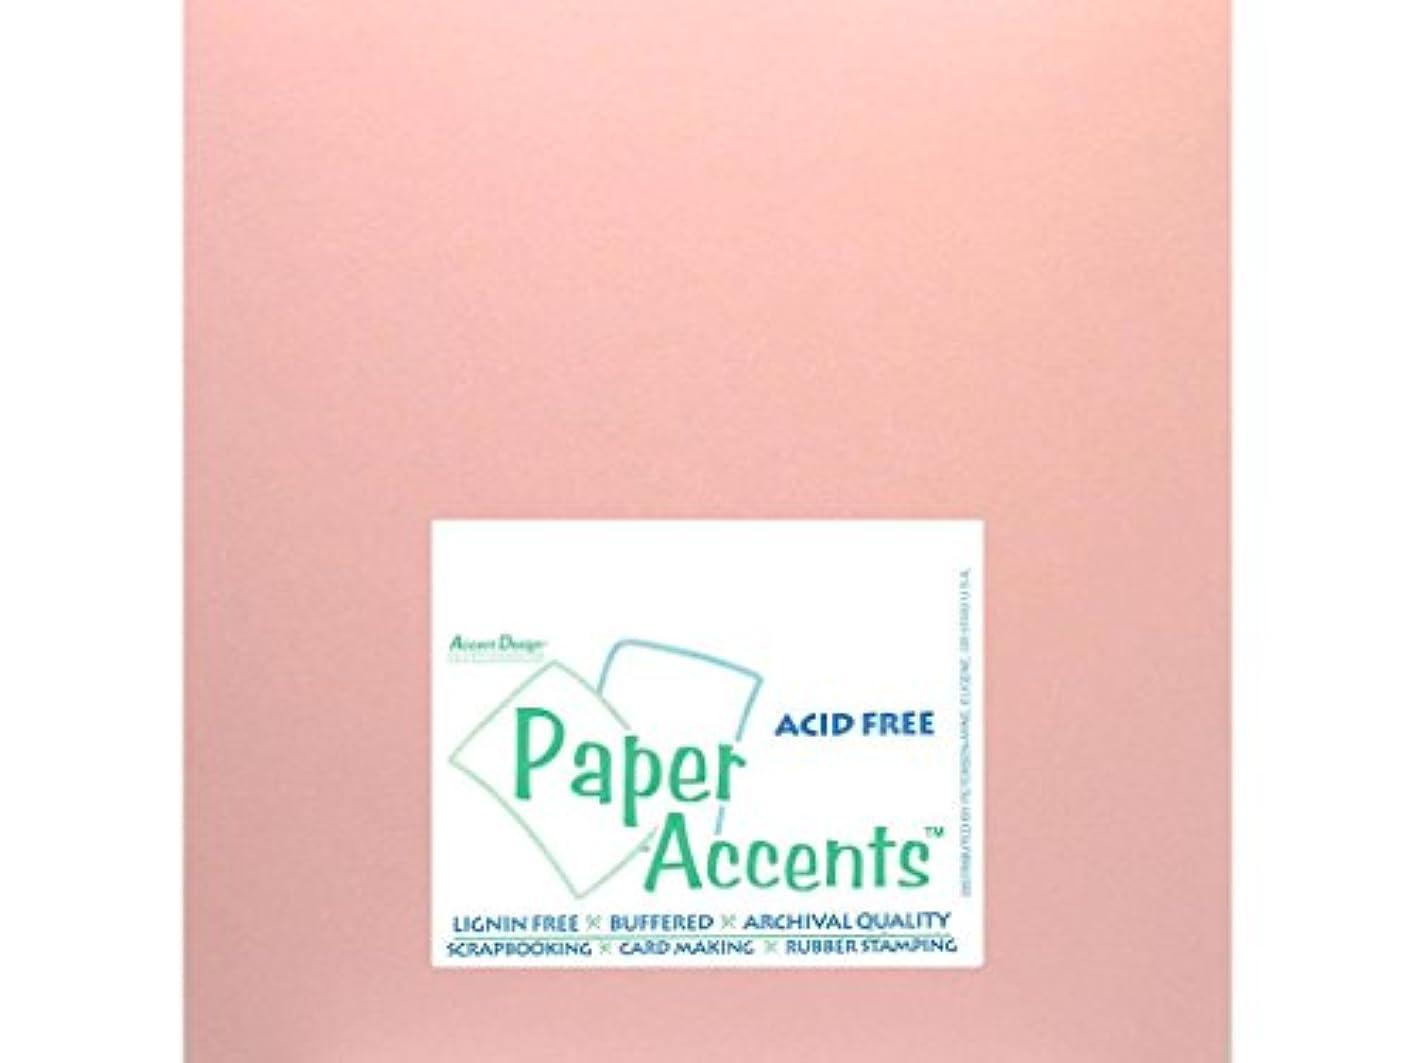 Accent Design Paper Accents ADPaperPearlized1212Primrose Paper Pearlized 12x12 80# Primrose ermydfsaqfa907